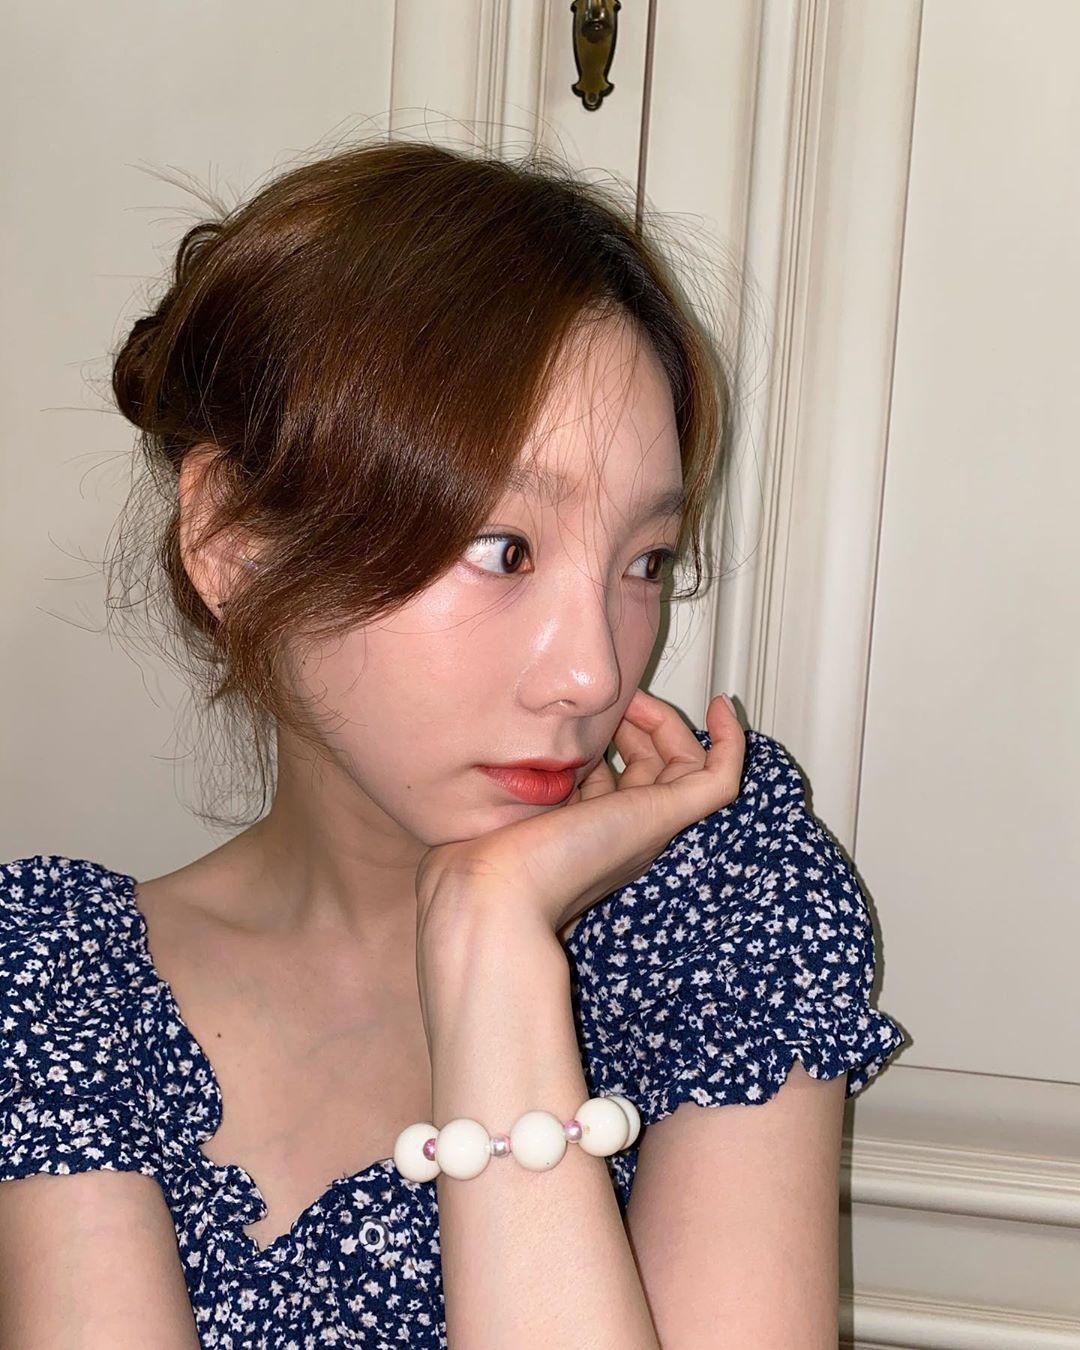 少女时代金泰妍忙着为SHINee的Key、Red Velvet的Yeri等人制作友谊手链